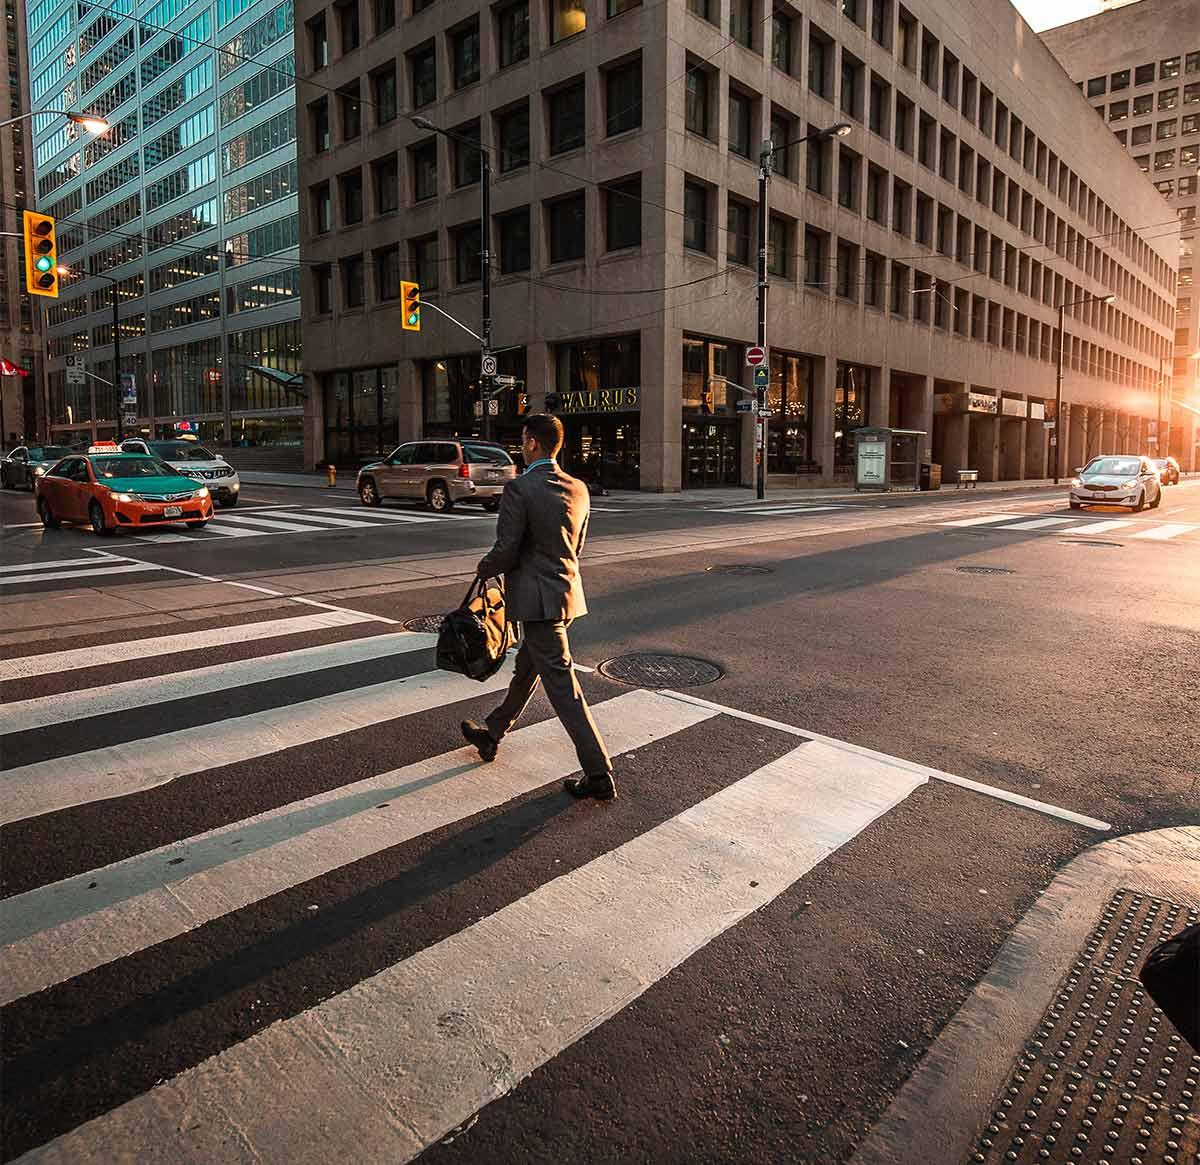 A business man walking on a crosswalk